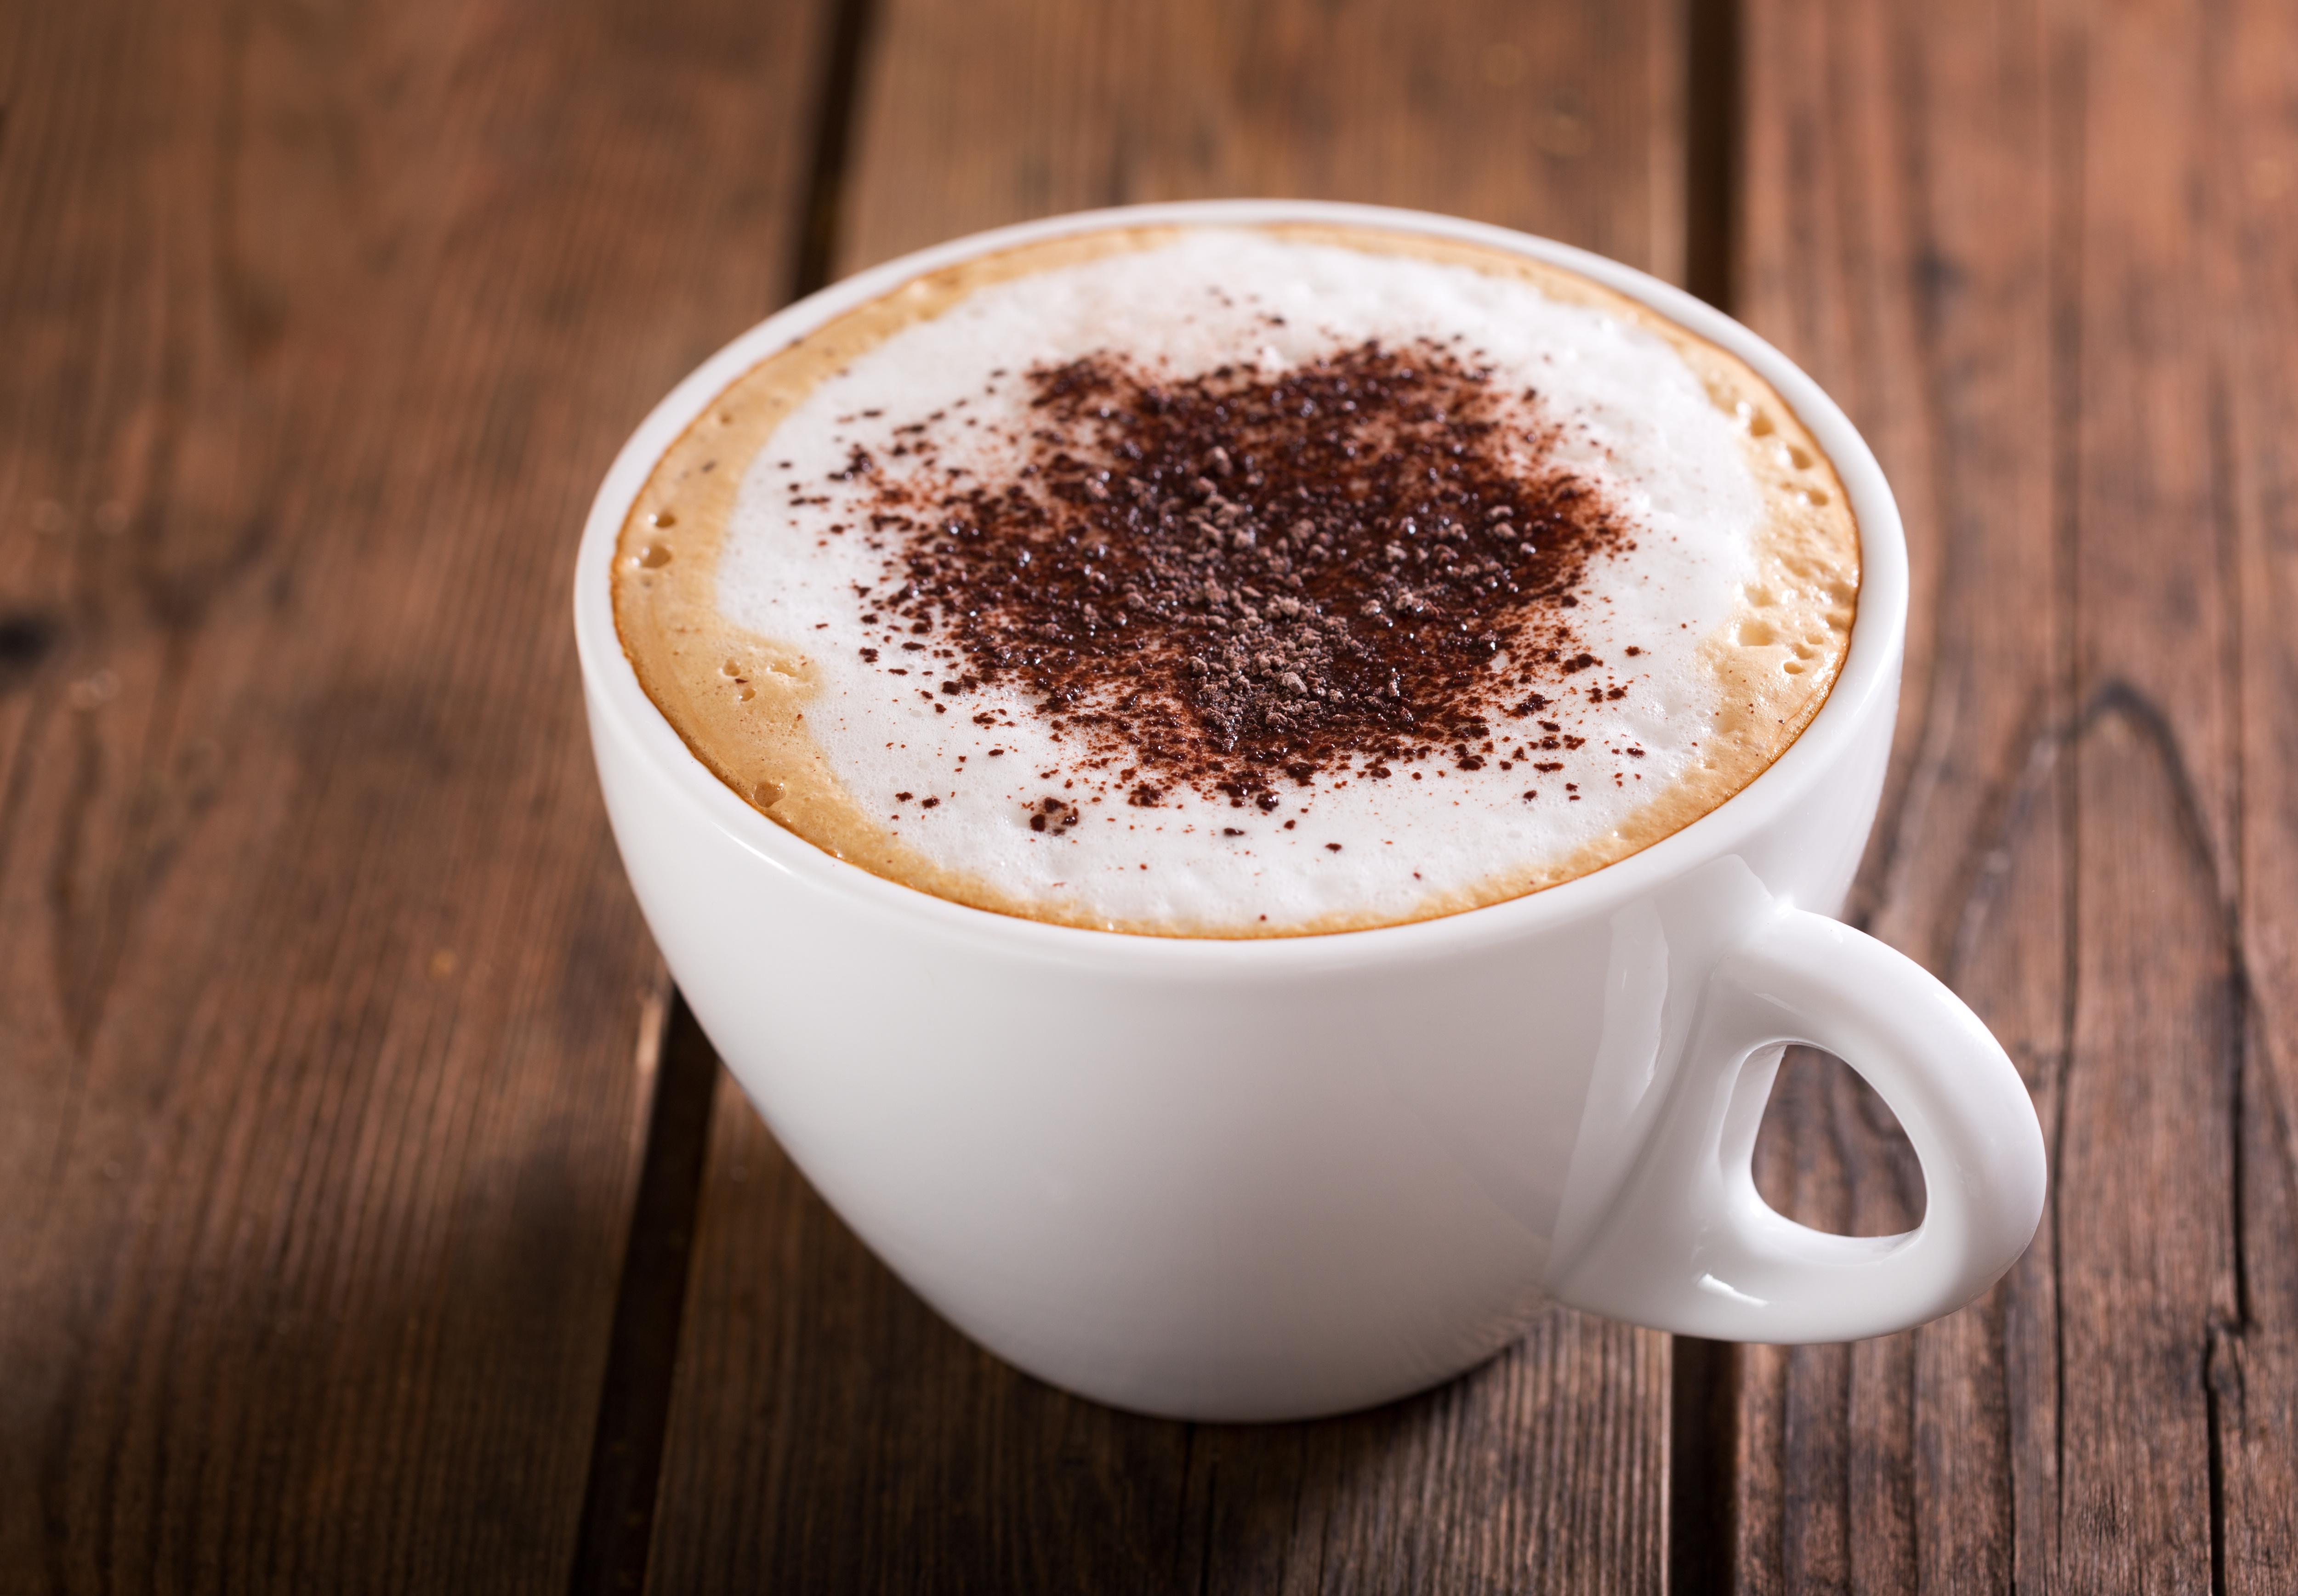 20/20 Mocha Cappuccino - F-Factor